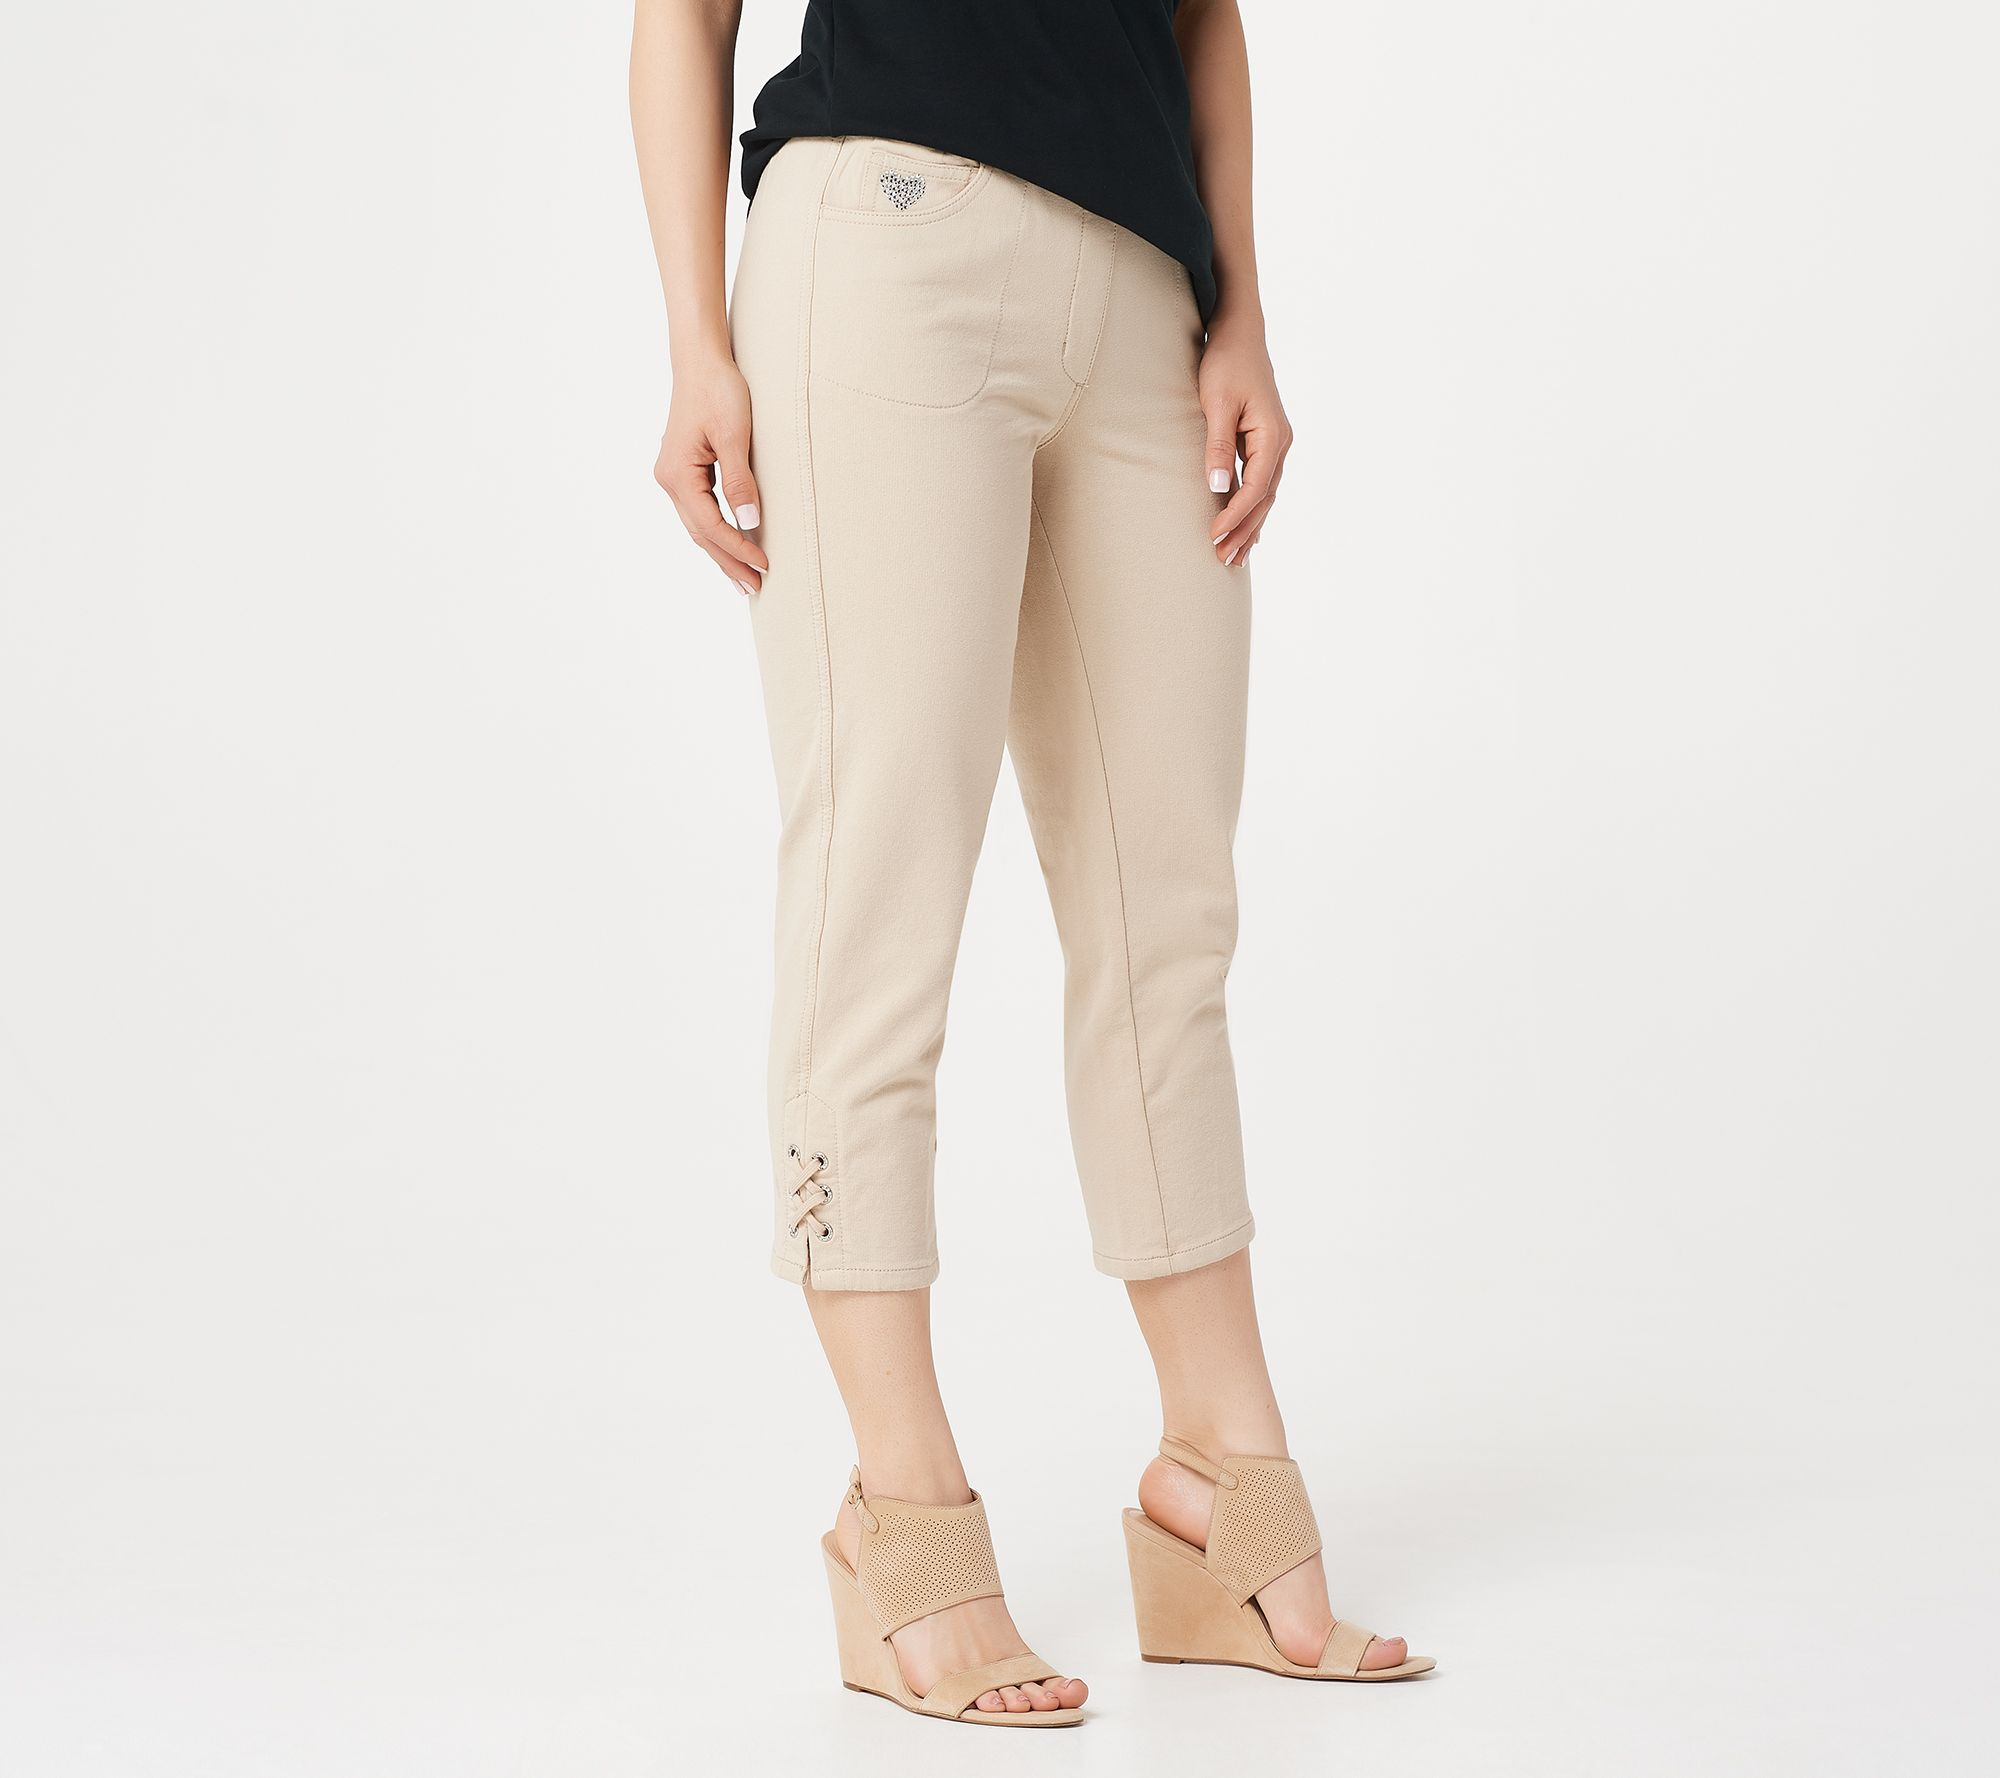 1cd03d502265f Quacker Factory DreamJeannes Grommet Lace Up Crop Pants - Page 1 ...